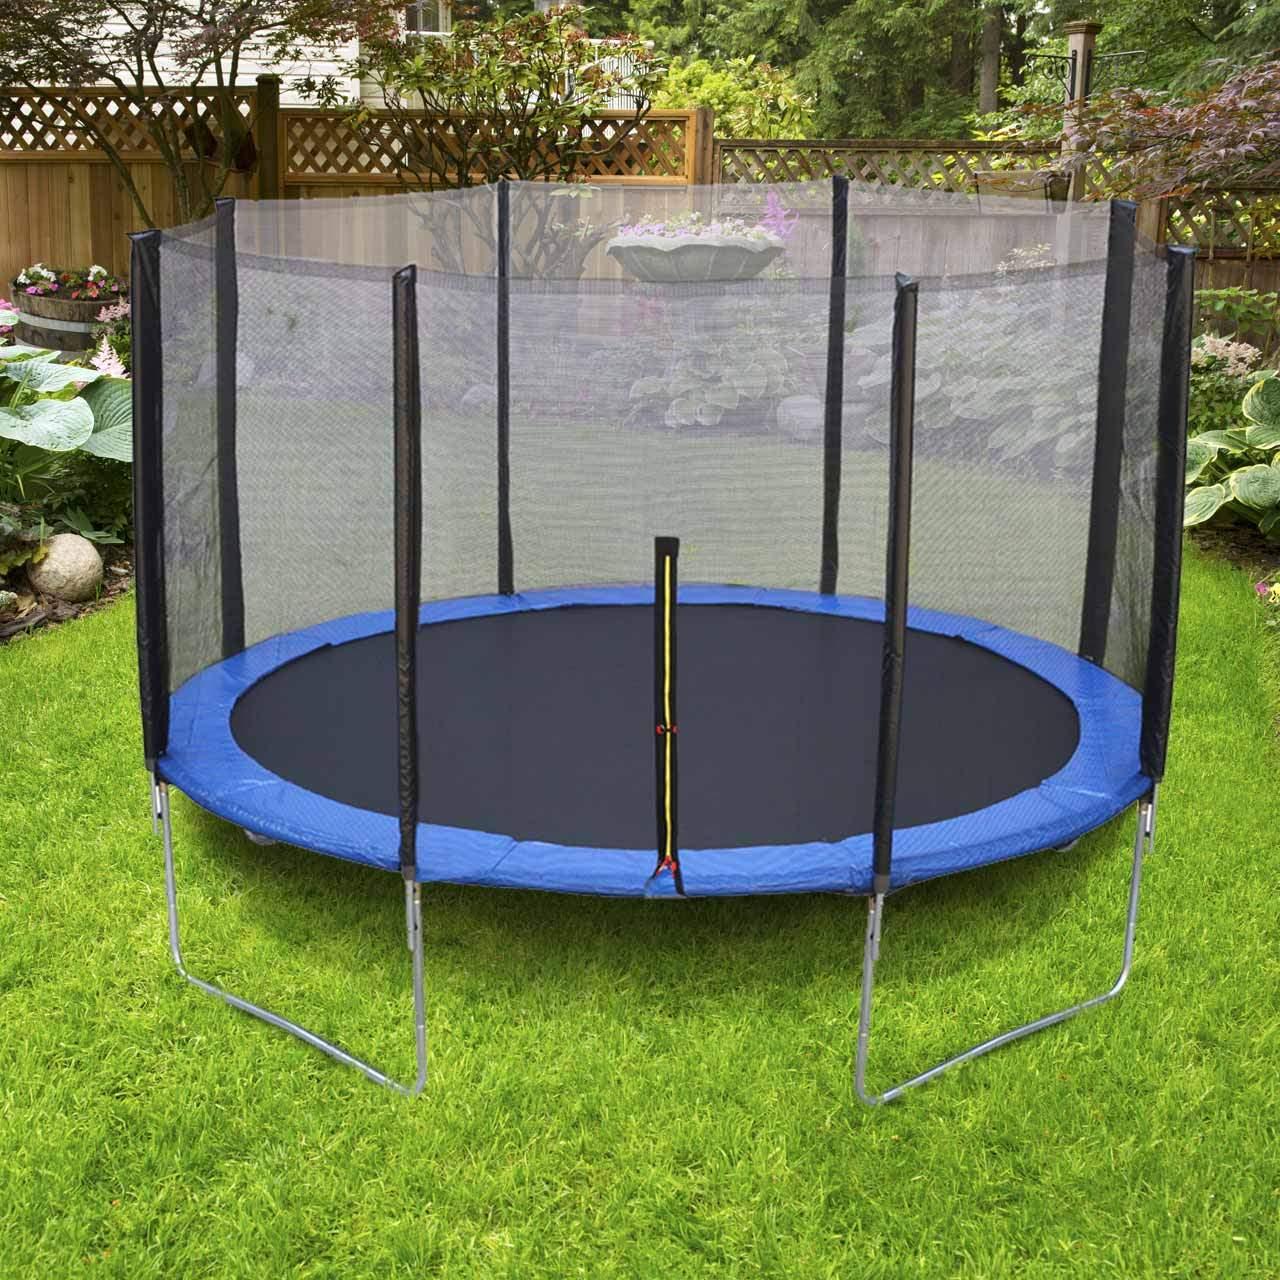 Trampolin Garten Schön Trampolin Mit Sicherheitsnetz Für Kinder U Erwachsene